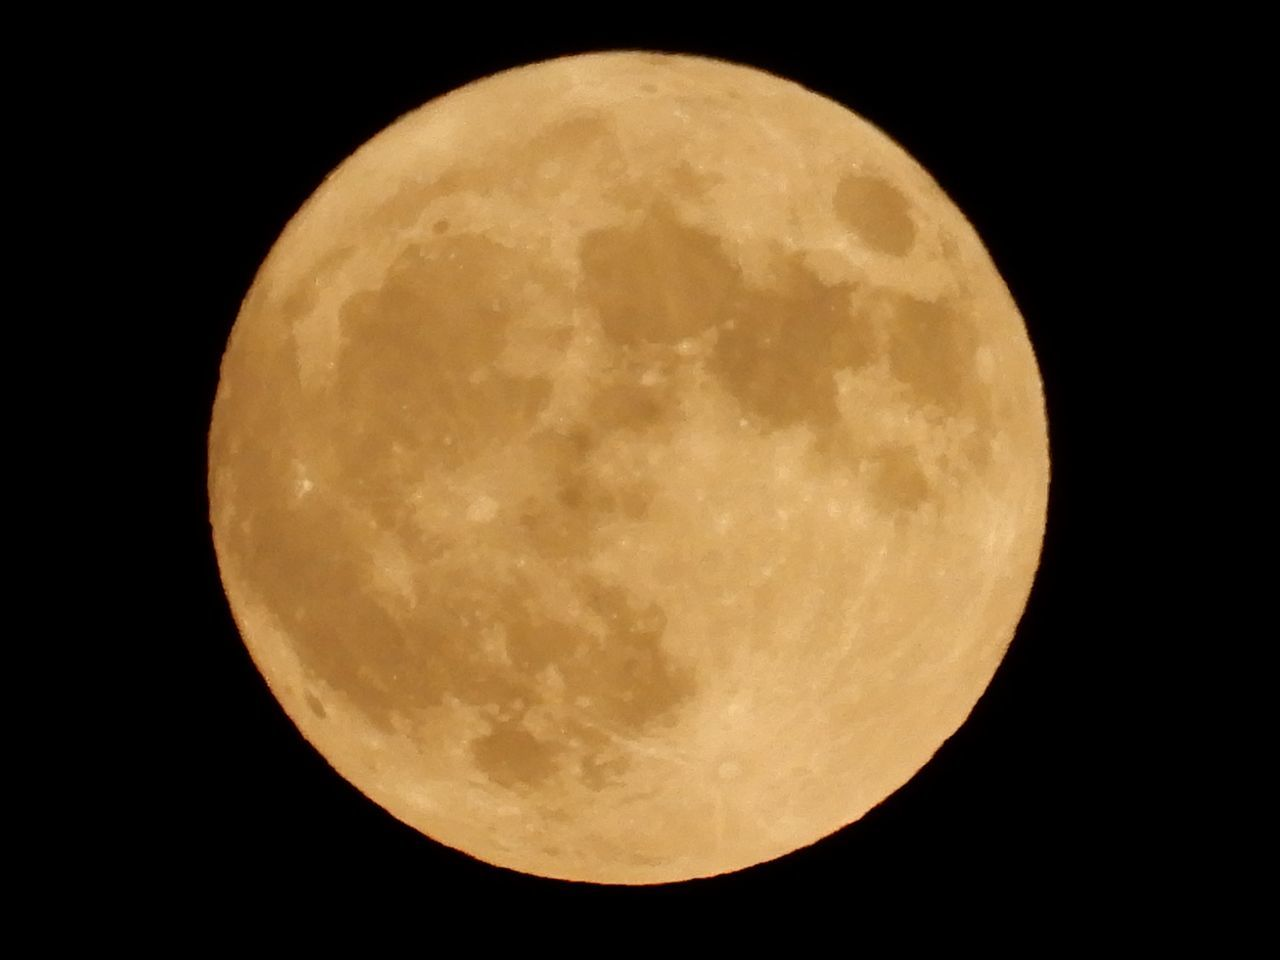 ハロウィーン、満月、ブルームーン、マイクロムーン、となりに火星_c0025115_22302845.jpg